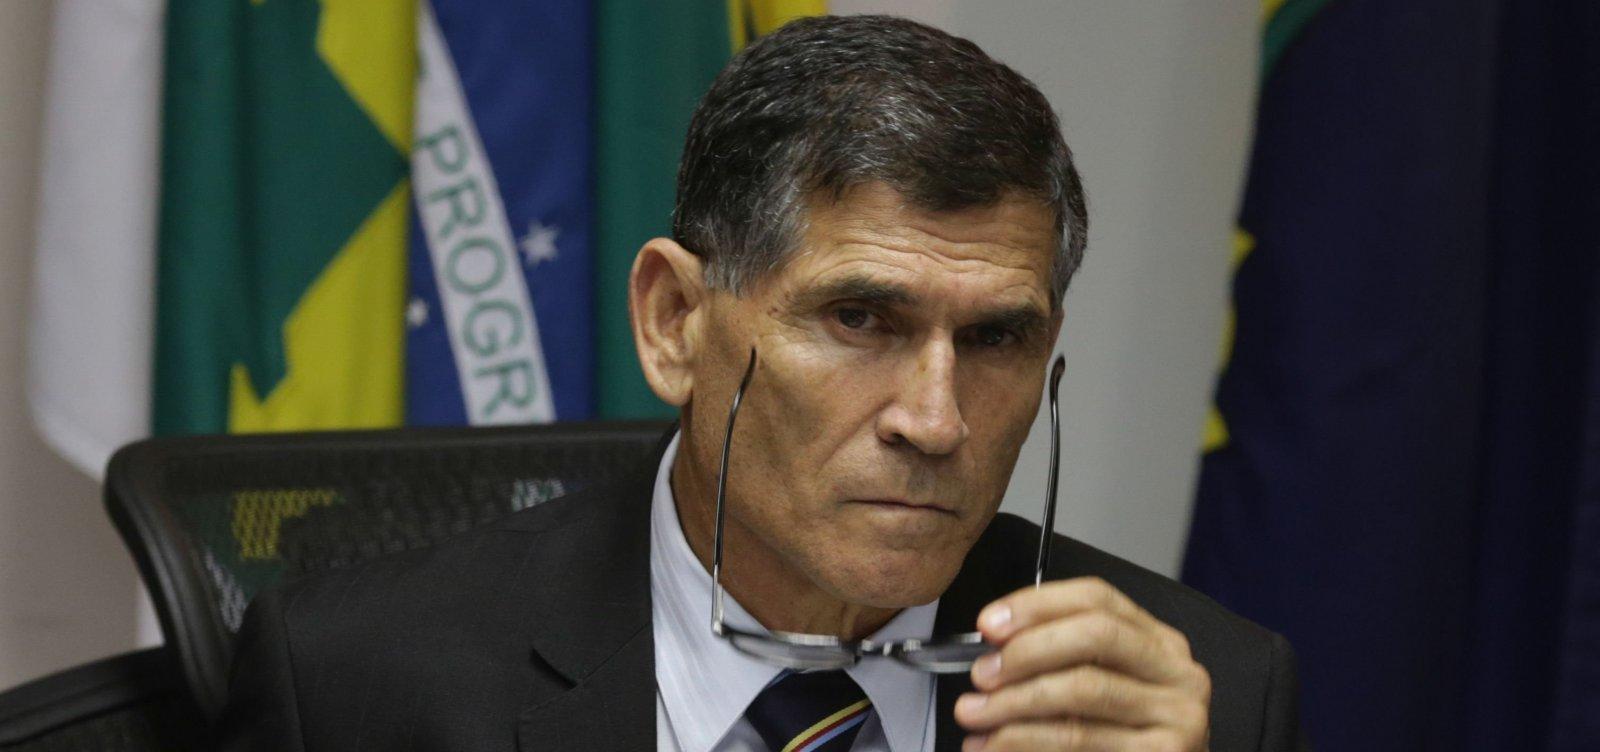 Grupo anti-Bolsonaro do PSL quer general Santos Cruz no partido